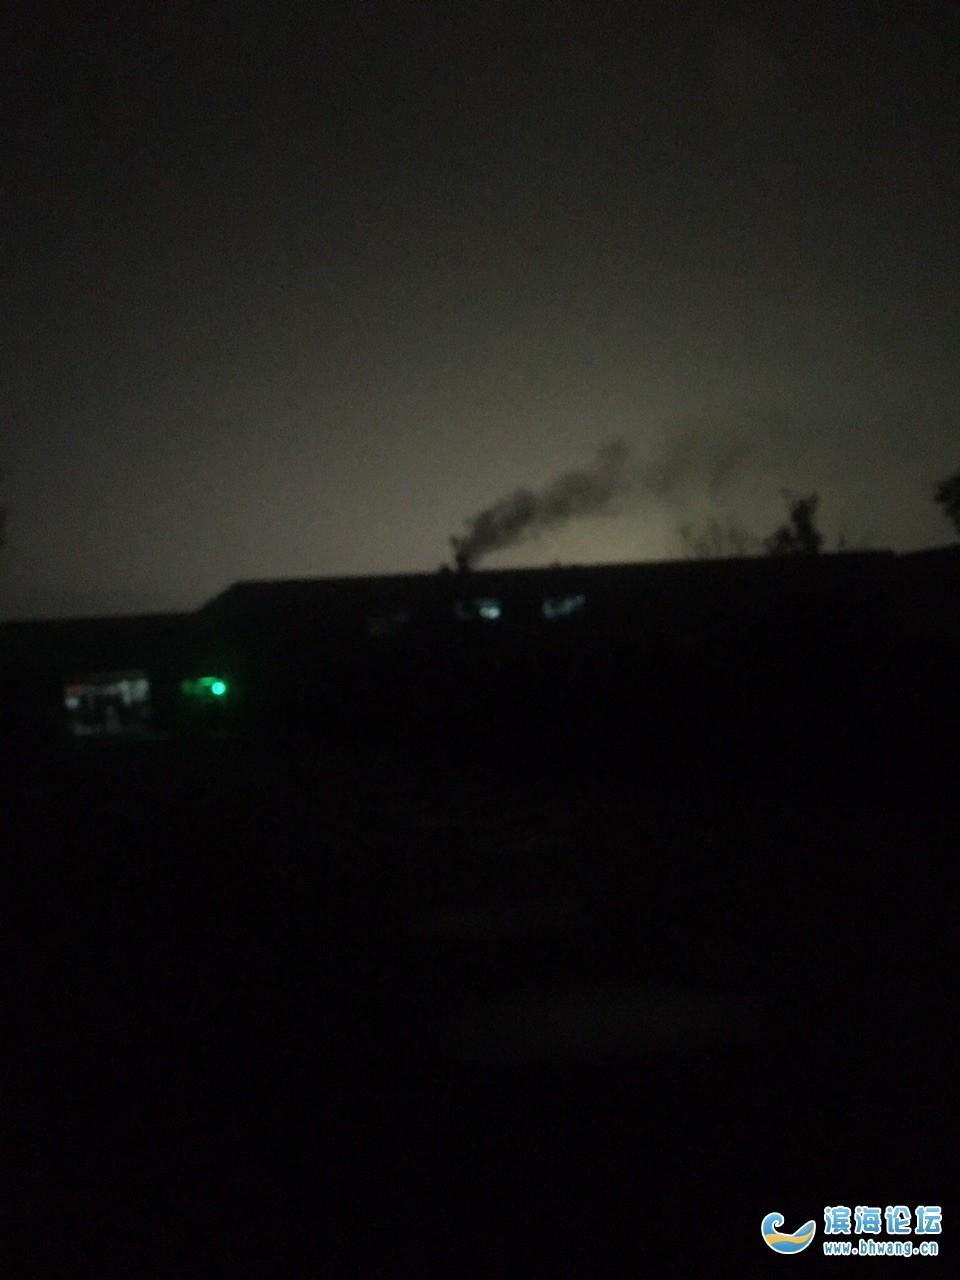 滨海环保局看看,要对我们百姓负责,每晚都在祸害空气污染